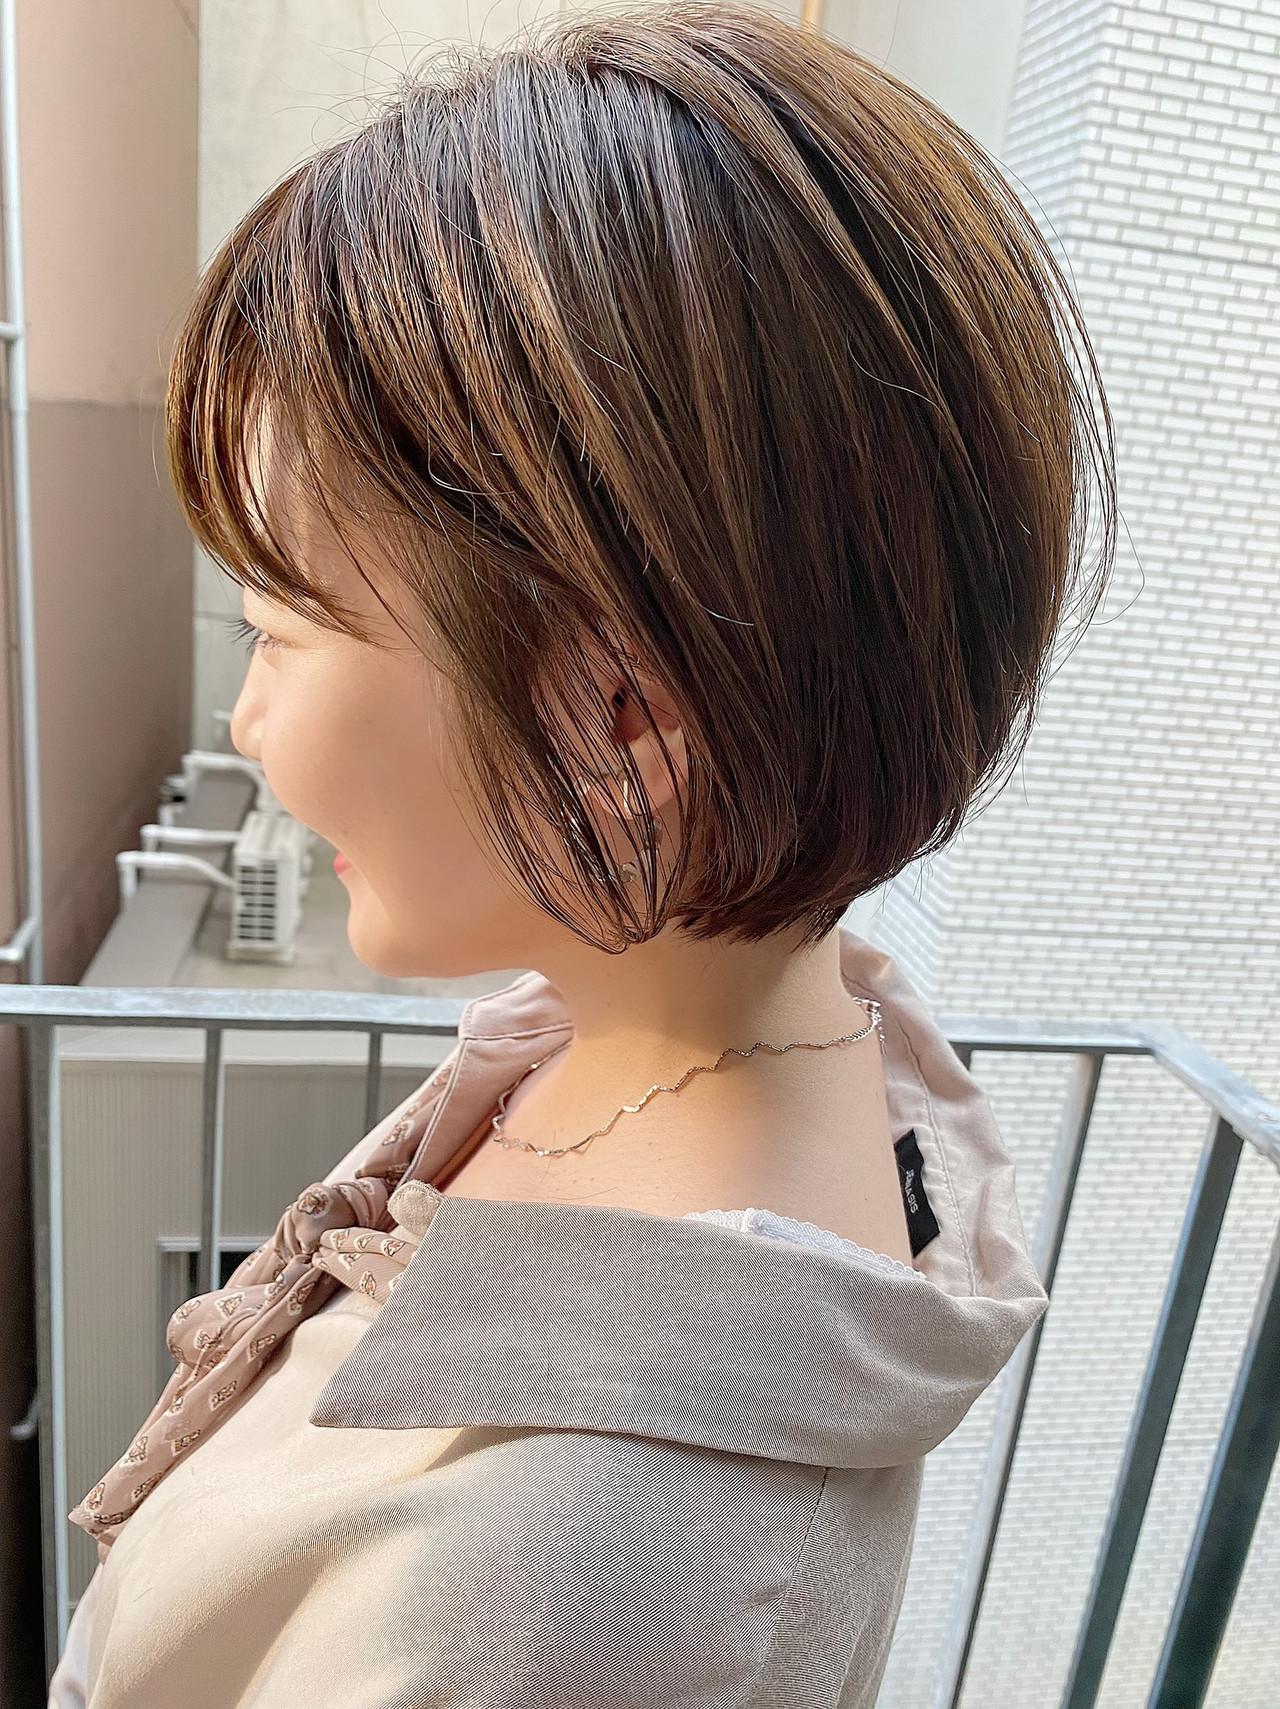 ショートボブ デート オフィス ナチュラル ヘアスタイルや髪型の写真・画像 | 大人可愛い【ショート・ボブが得意】つばさ / VIE